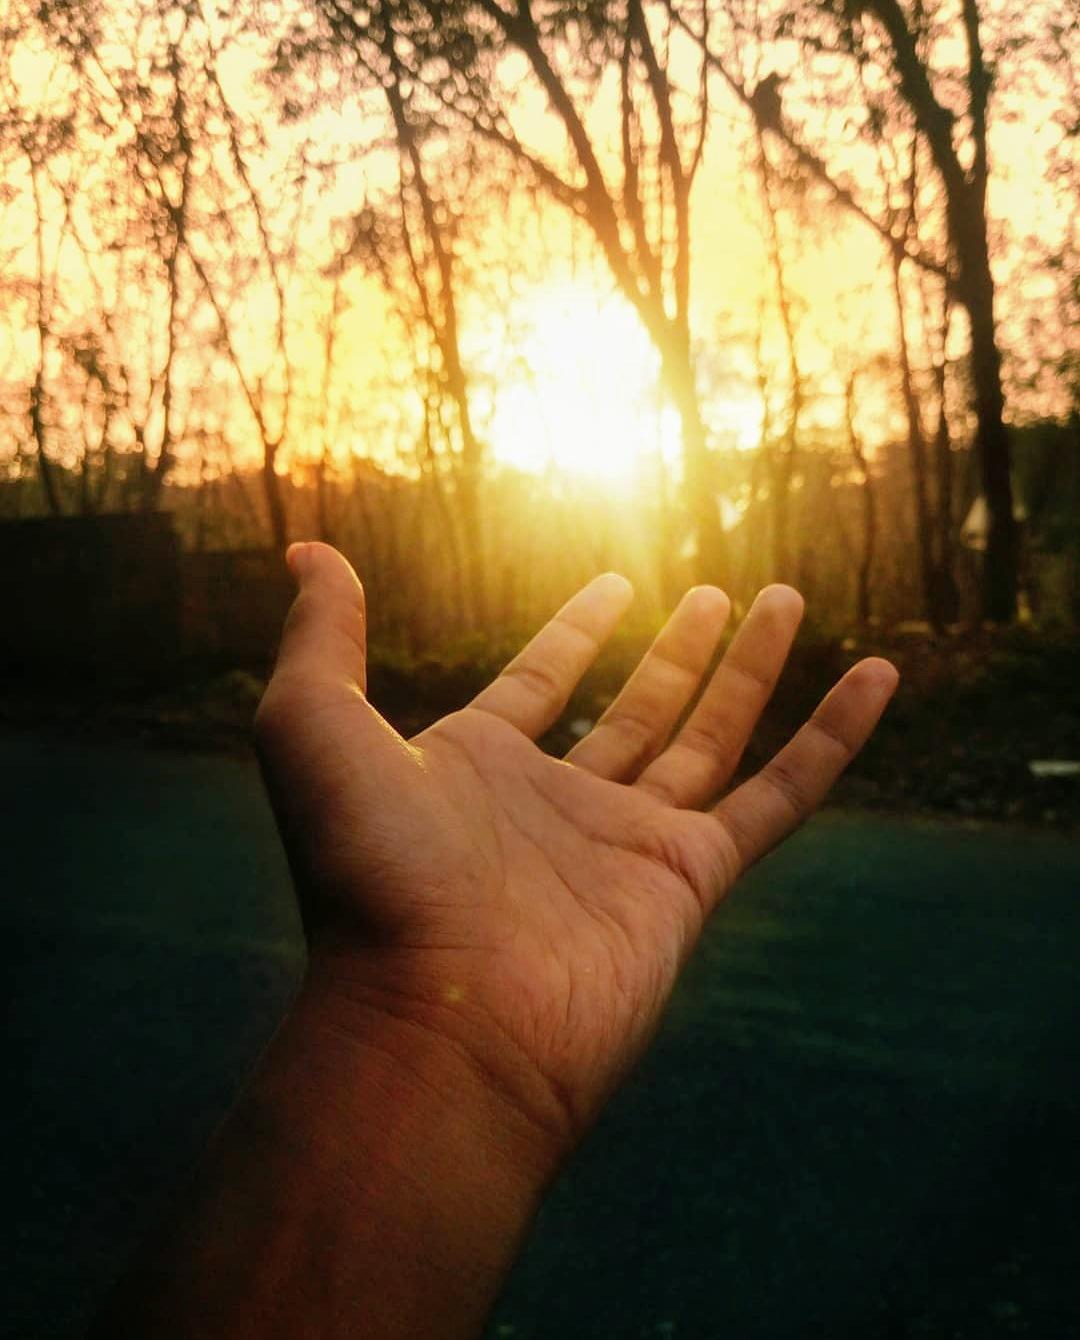 sun burn by Alokh P Mathews